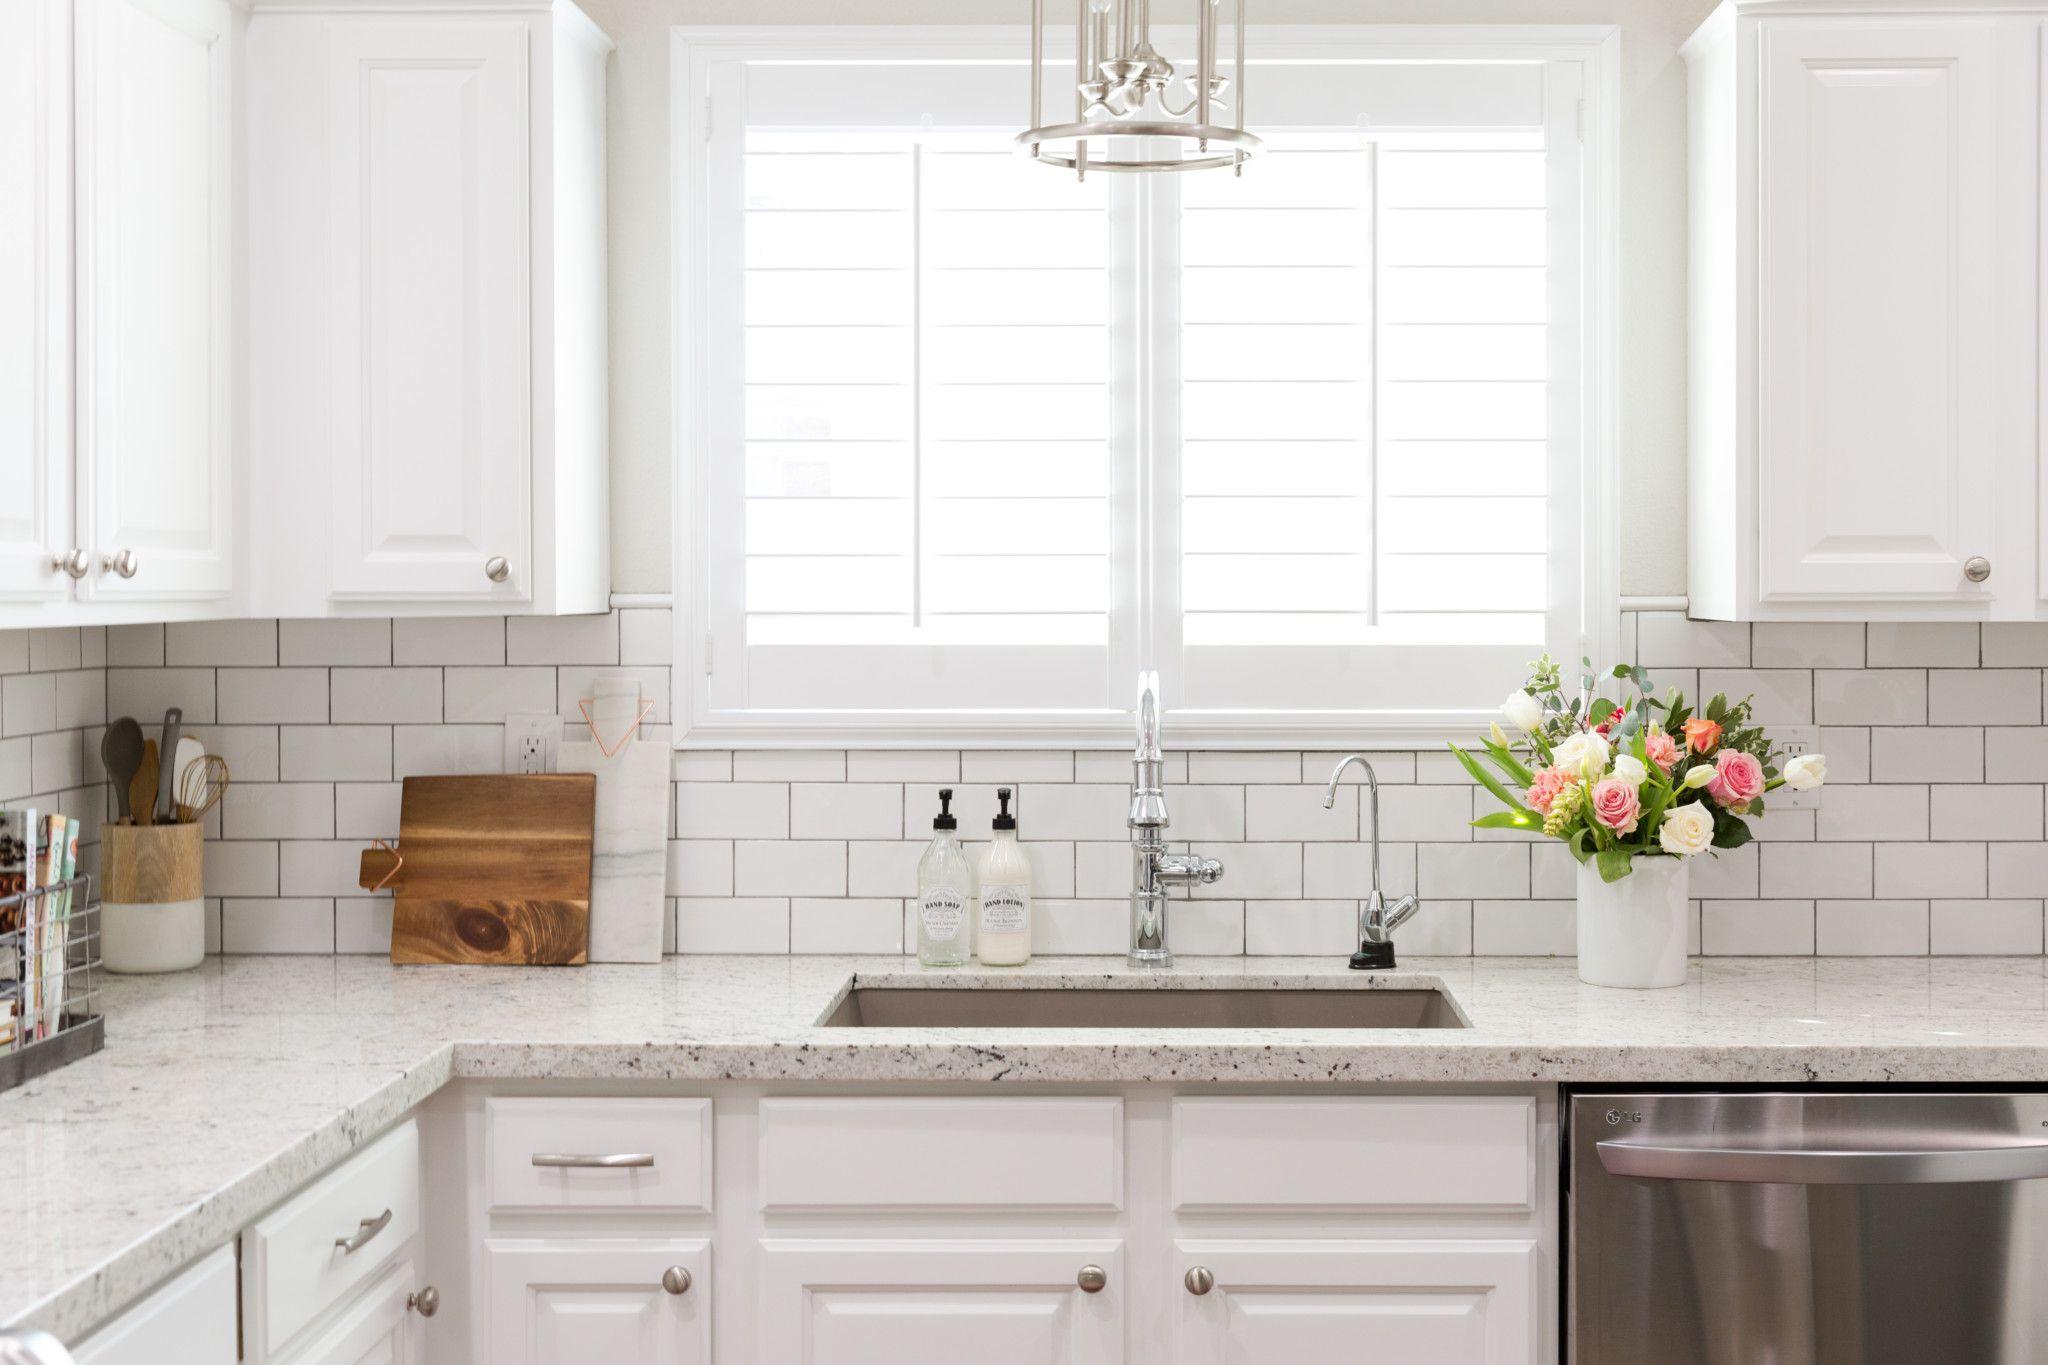 Colonial White Lexi Westergard Design Vermont Remodel Kitchen Subway Tile White Subway Tile Kitchen Kitchen Backsplash Designs White Granite Kitchen